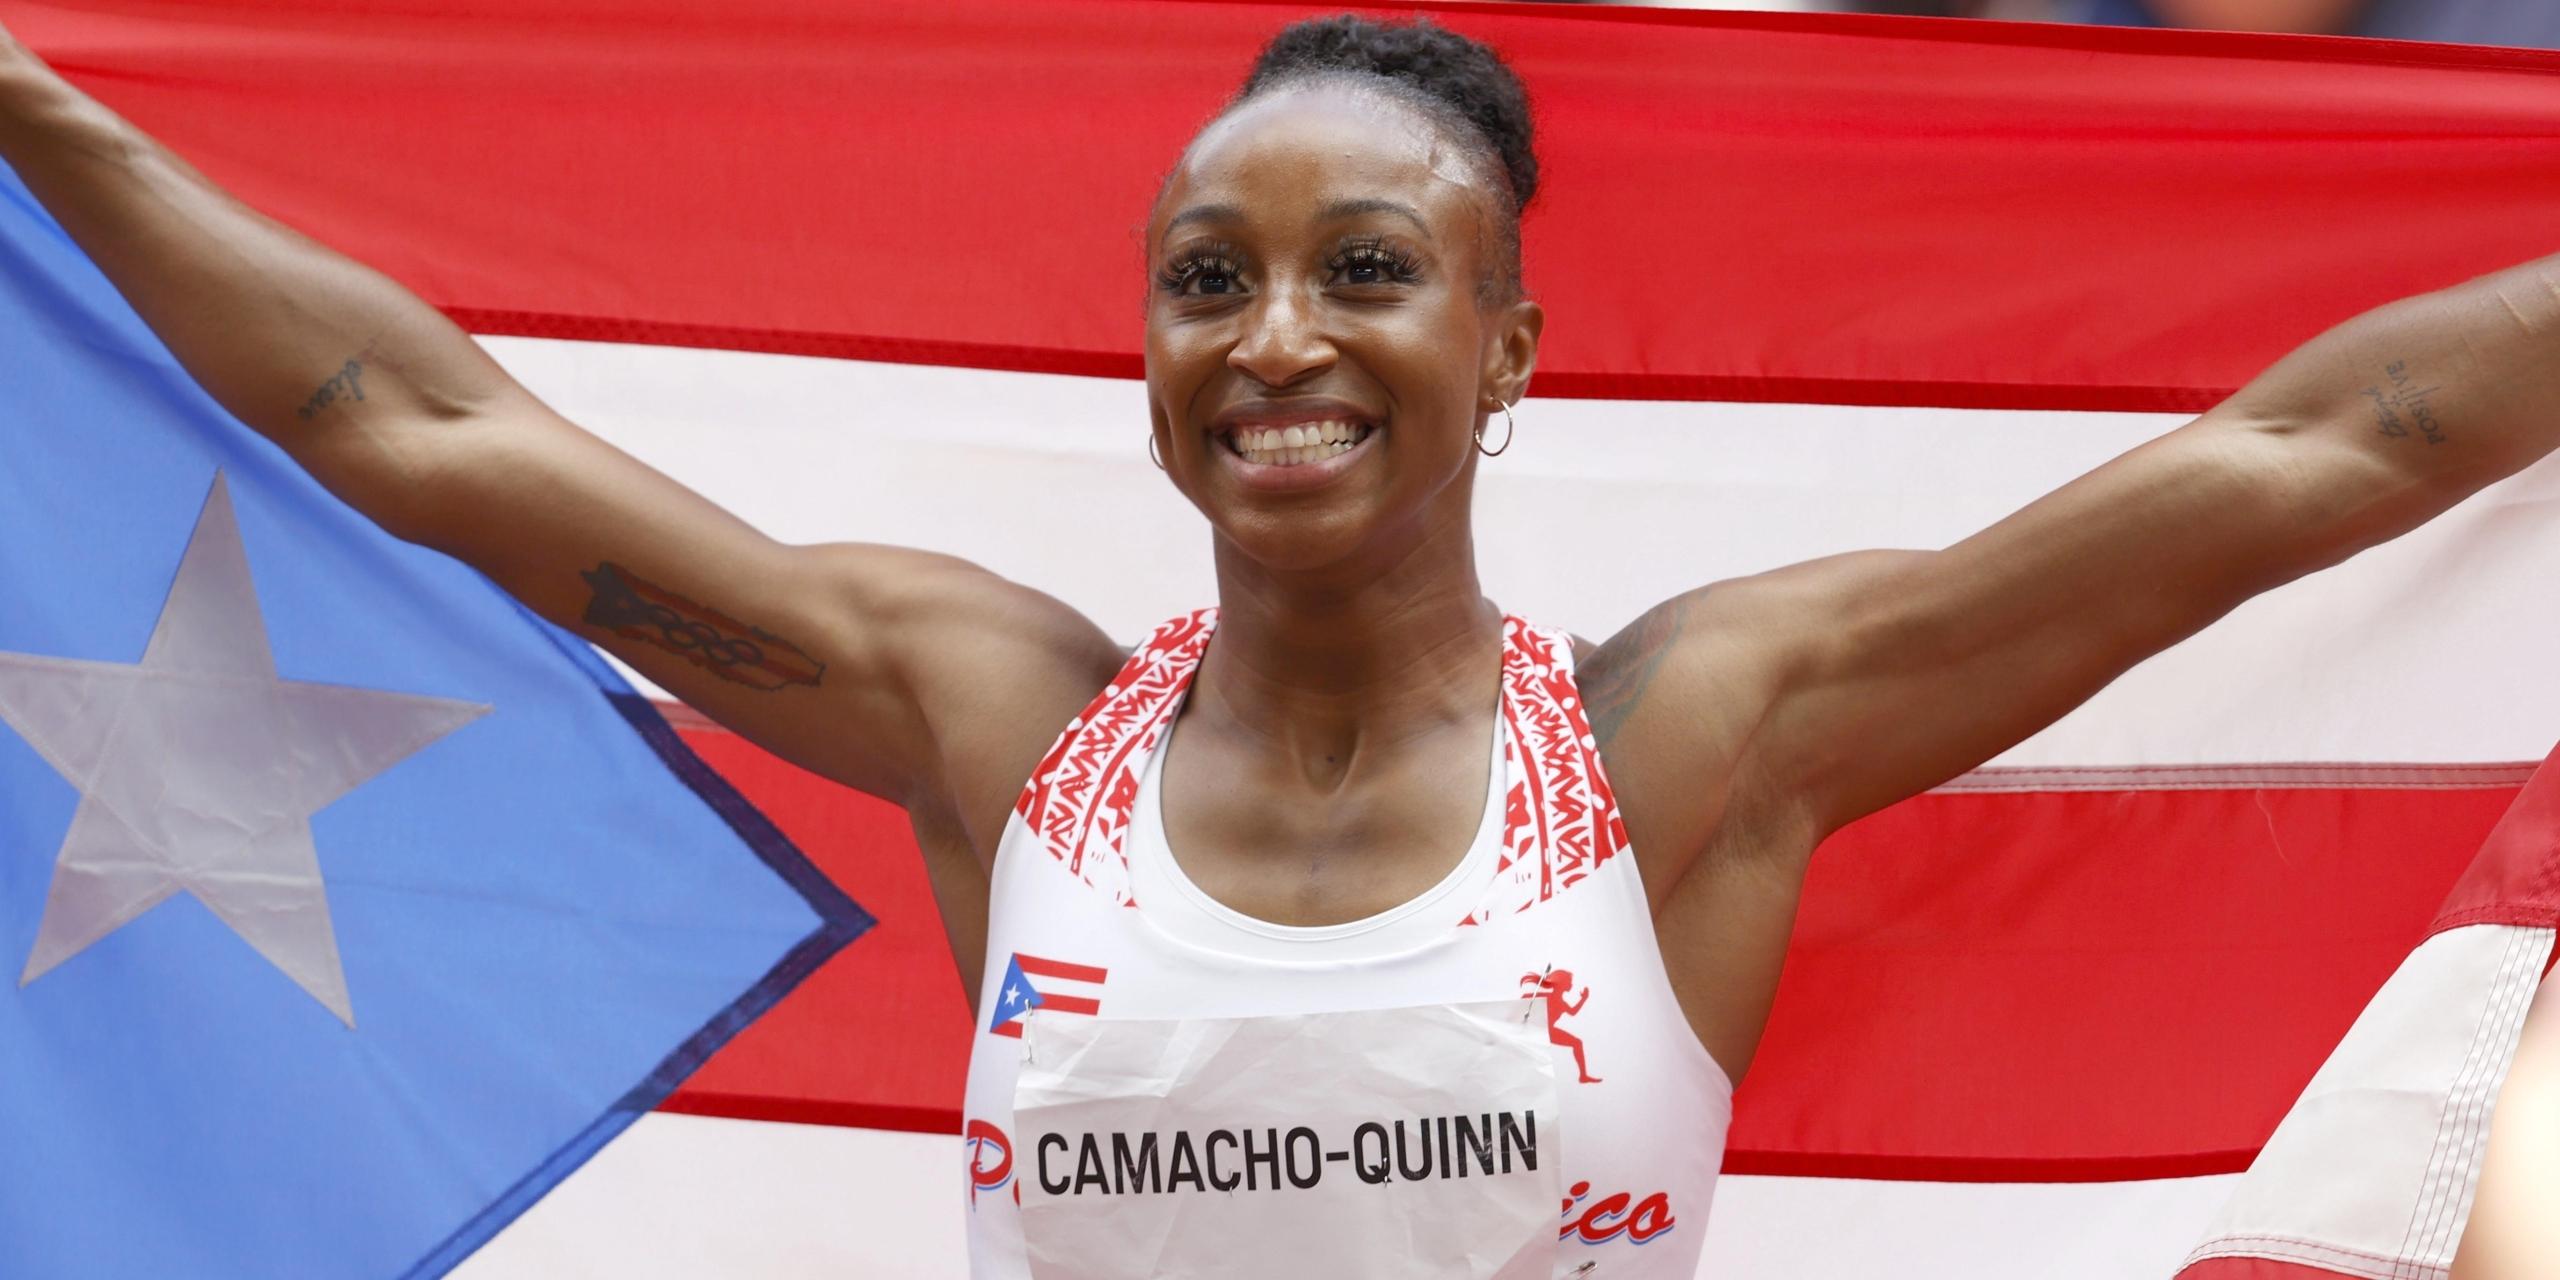 Jasmine Camacho-Quinn celebra el seu or als 100 metres tanques | Europa Press